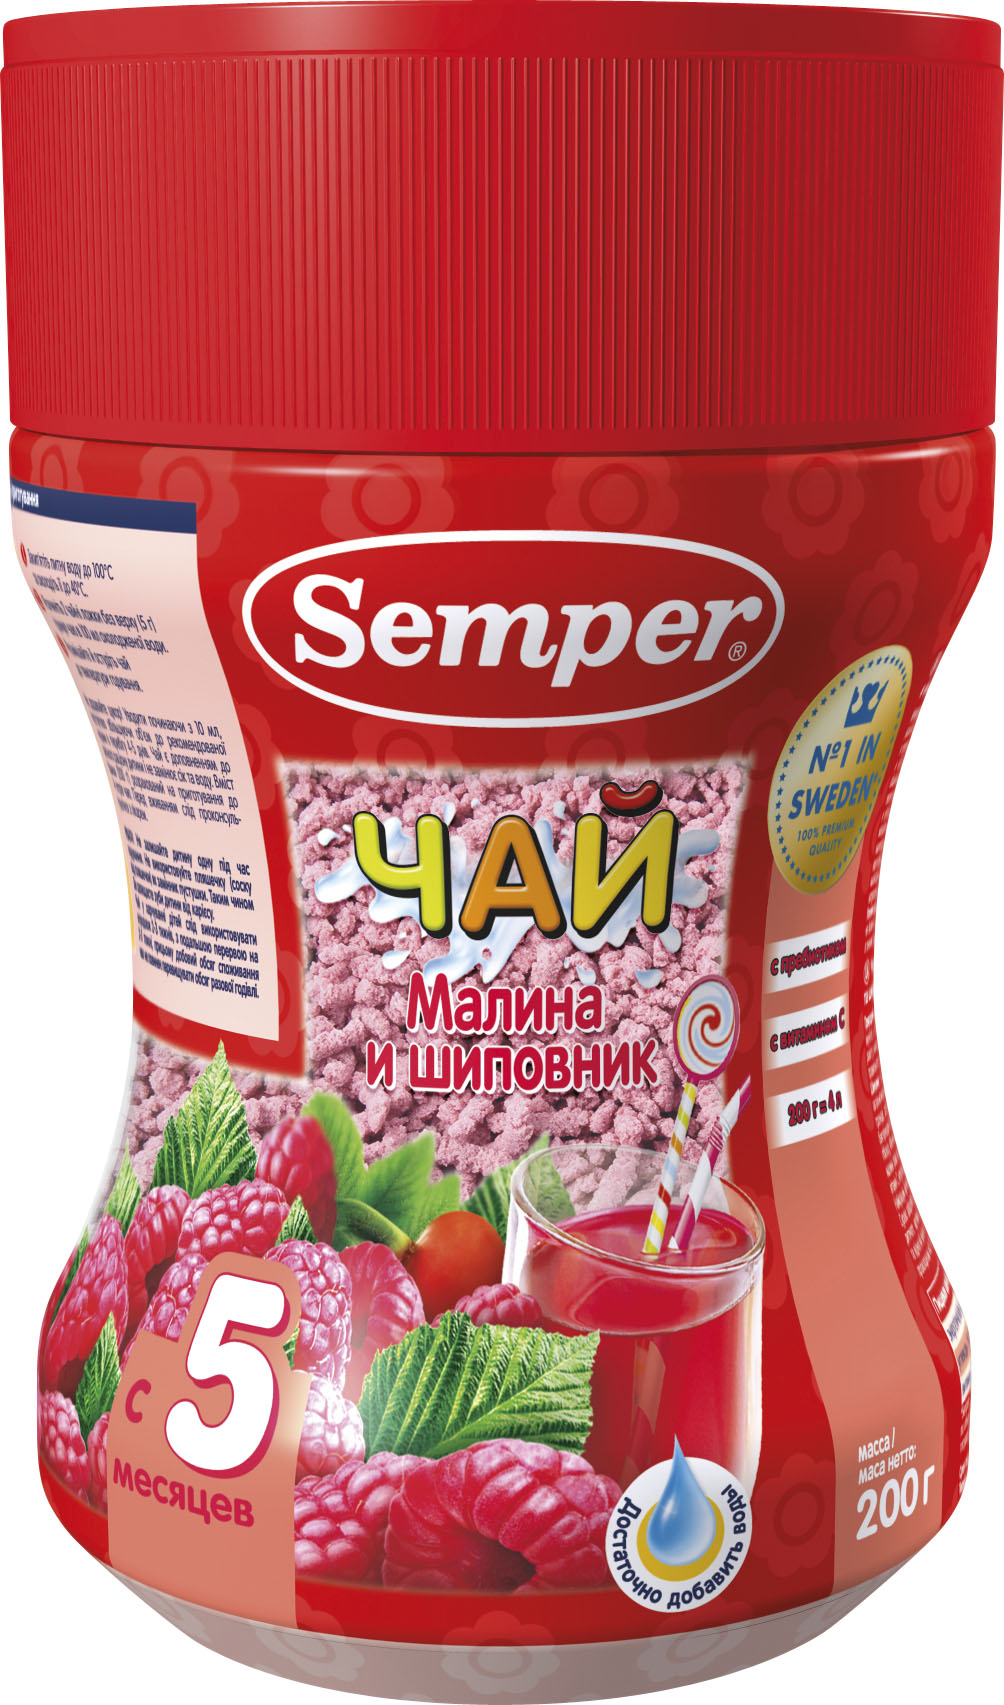 Чай Semper Малина и шиповник с 5 мес. 200 г